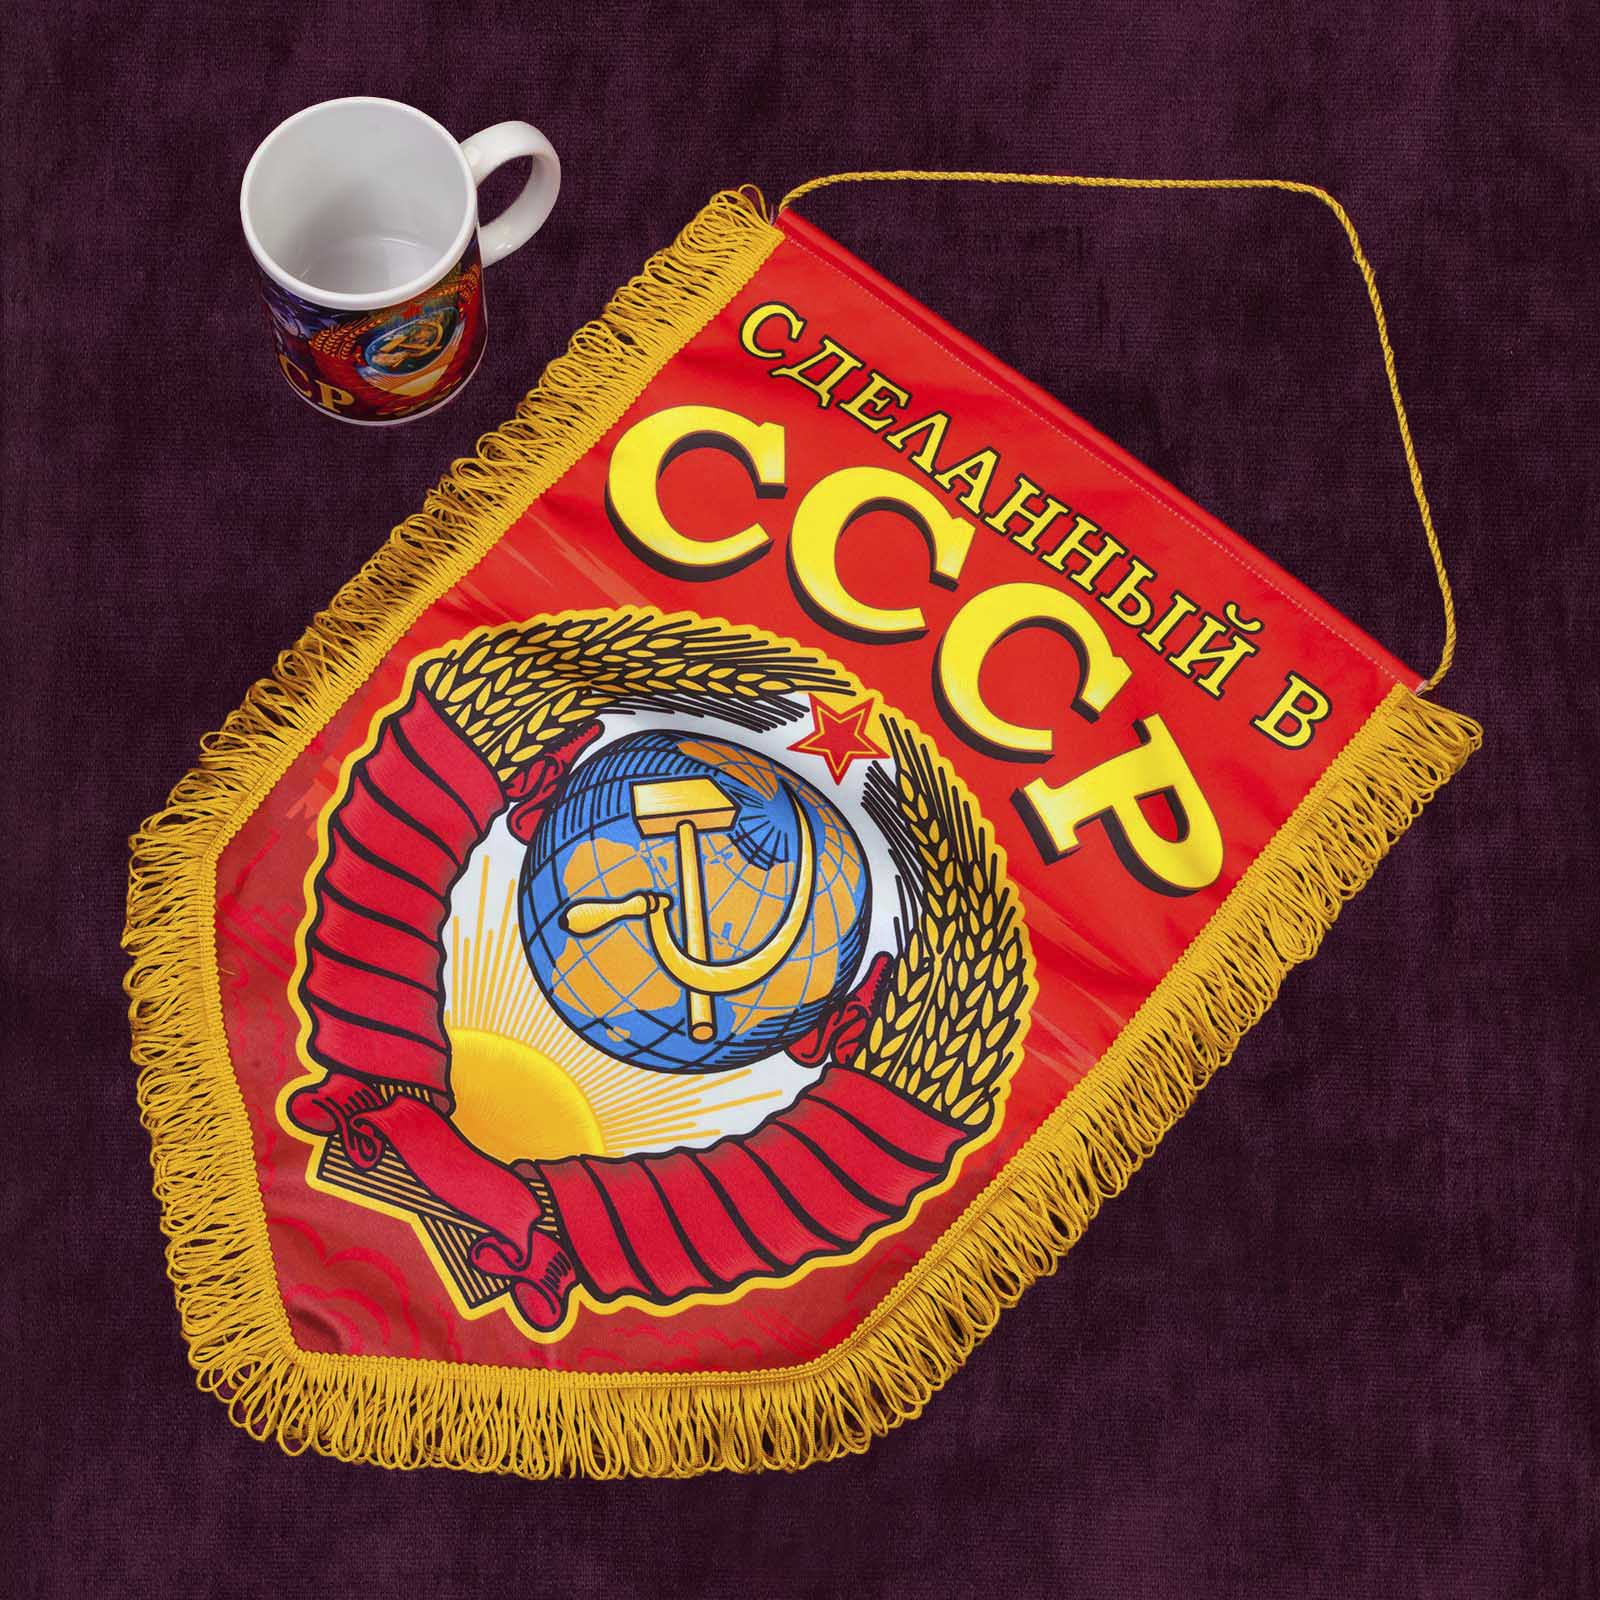 Купить вымпел с советской символикой с доставкой или самовывозом